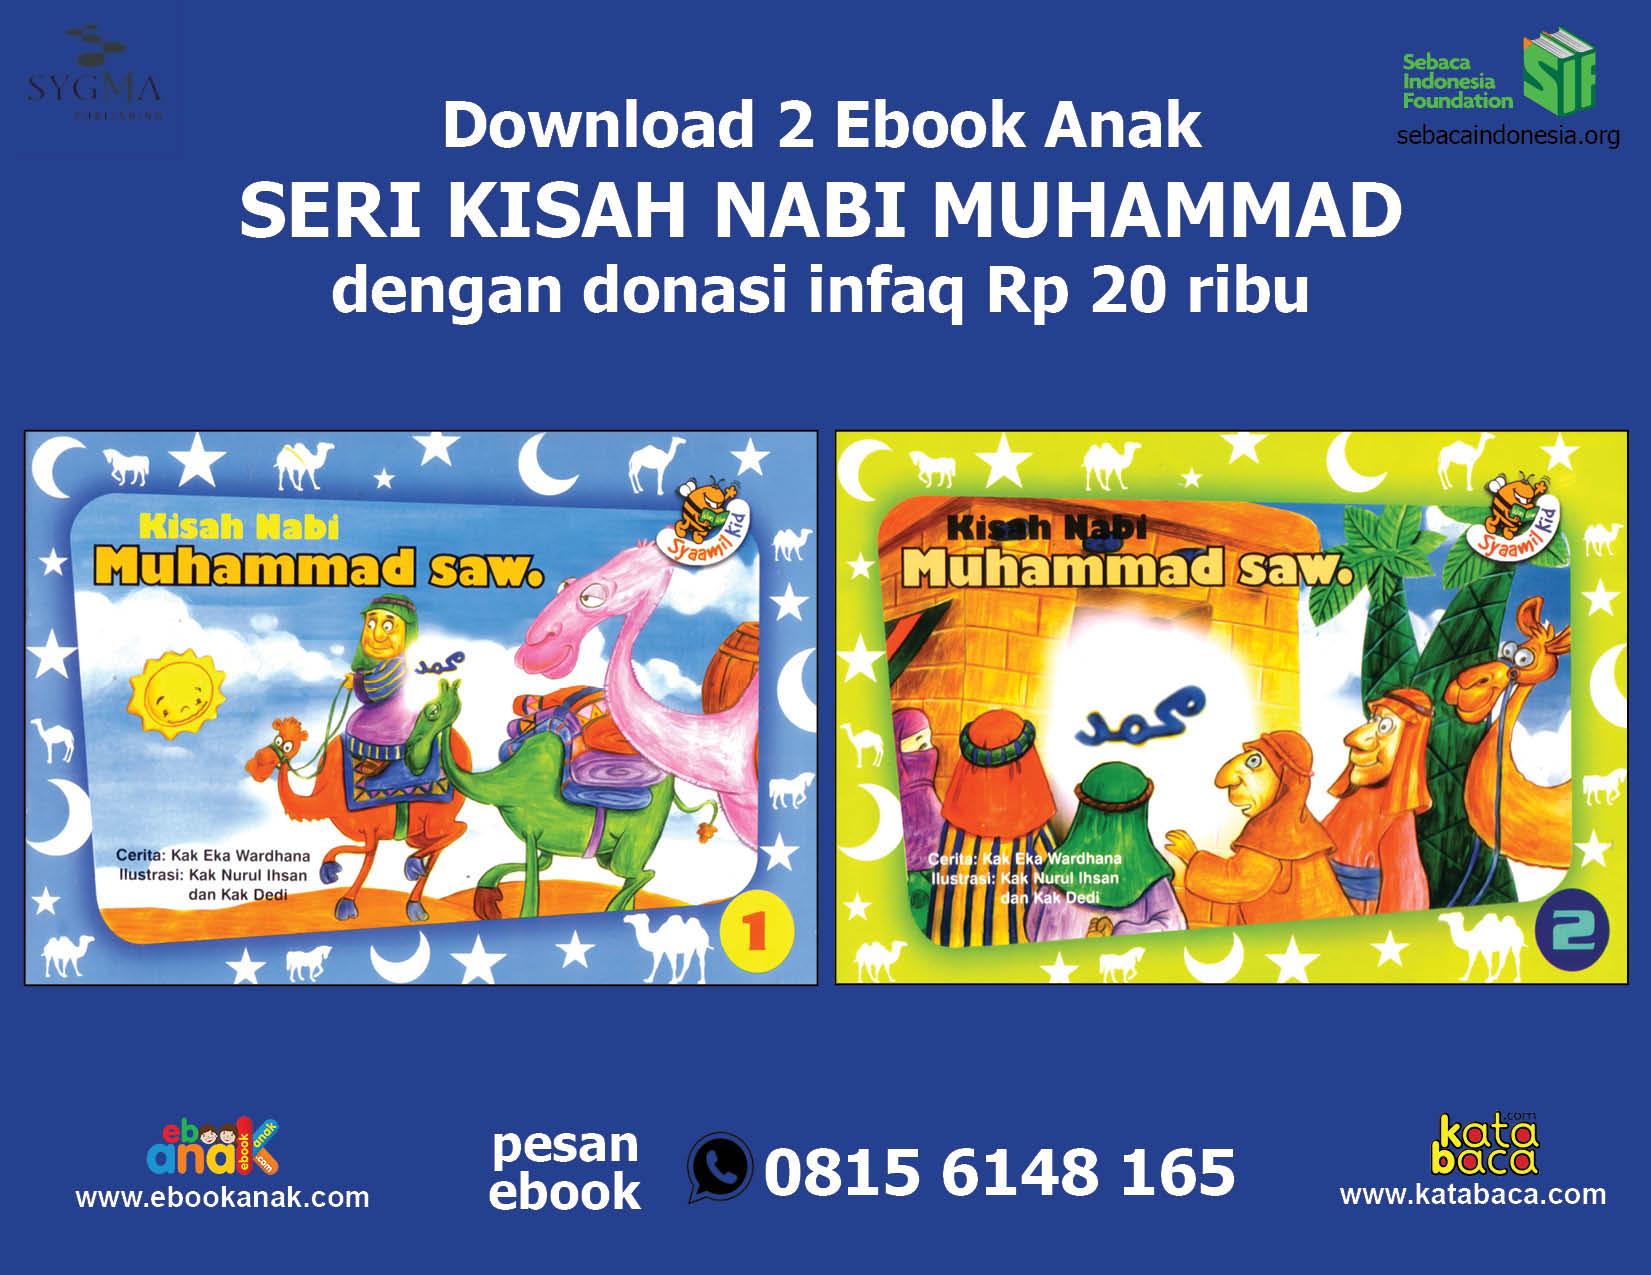 download 2 ebook seri kisah nabi muhammad